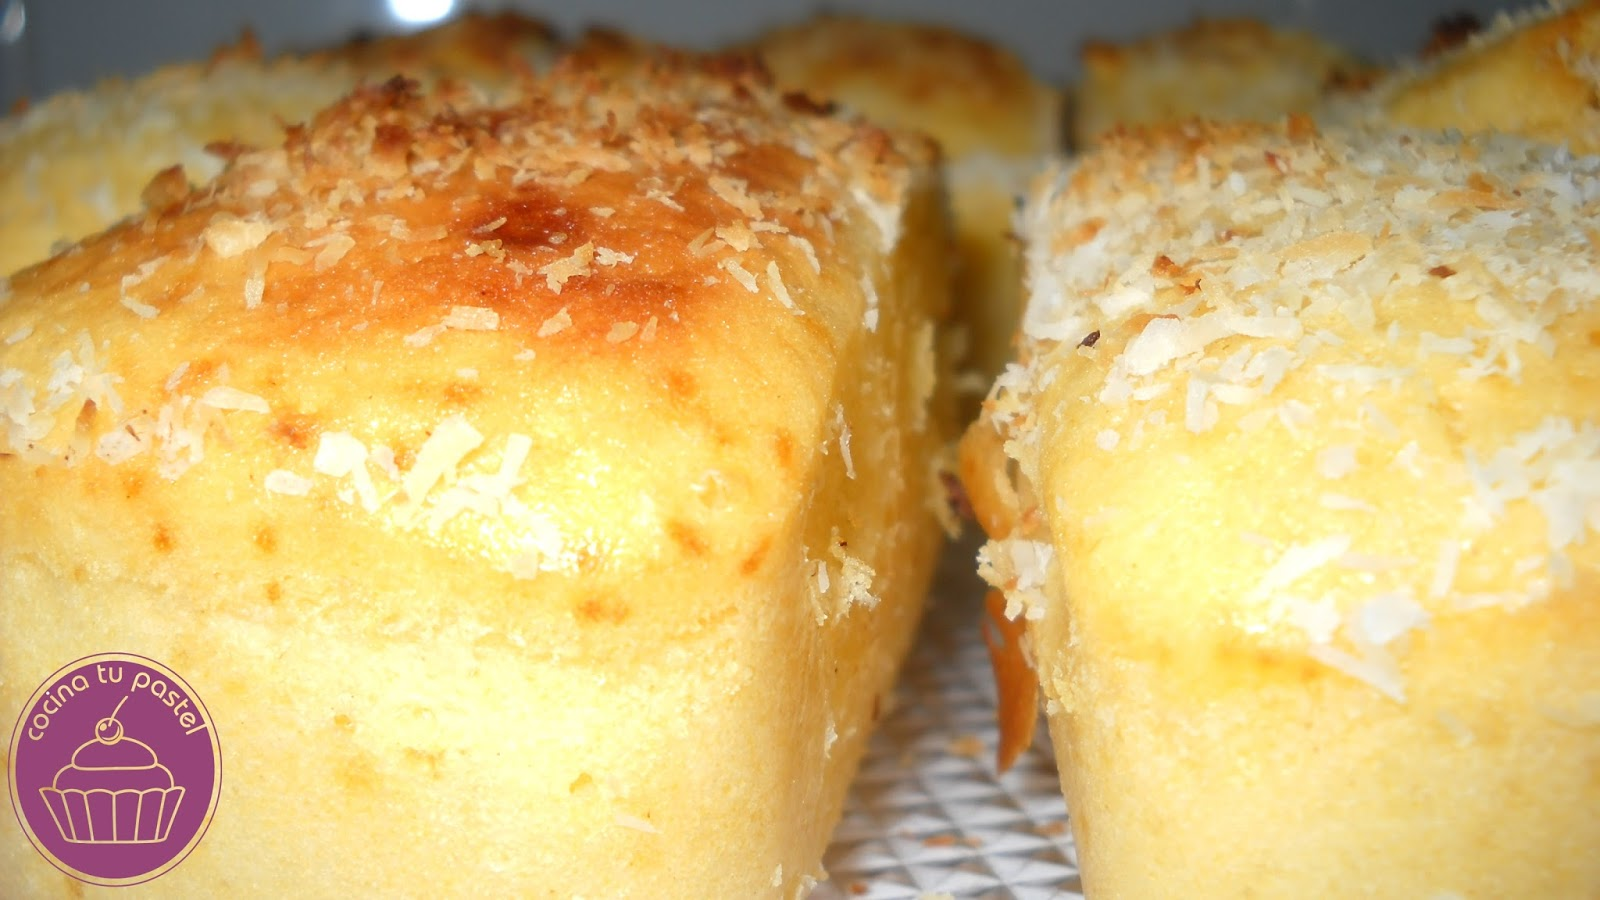 Cocina tu pastel bizcocho de almendra y coco for Bizcocho de yogur y almendra